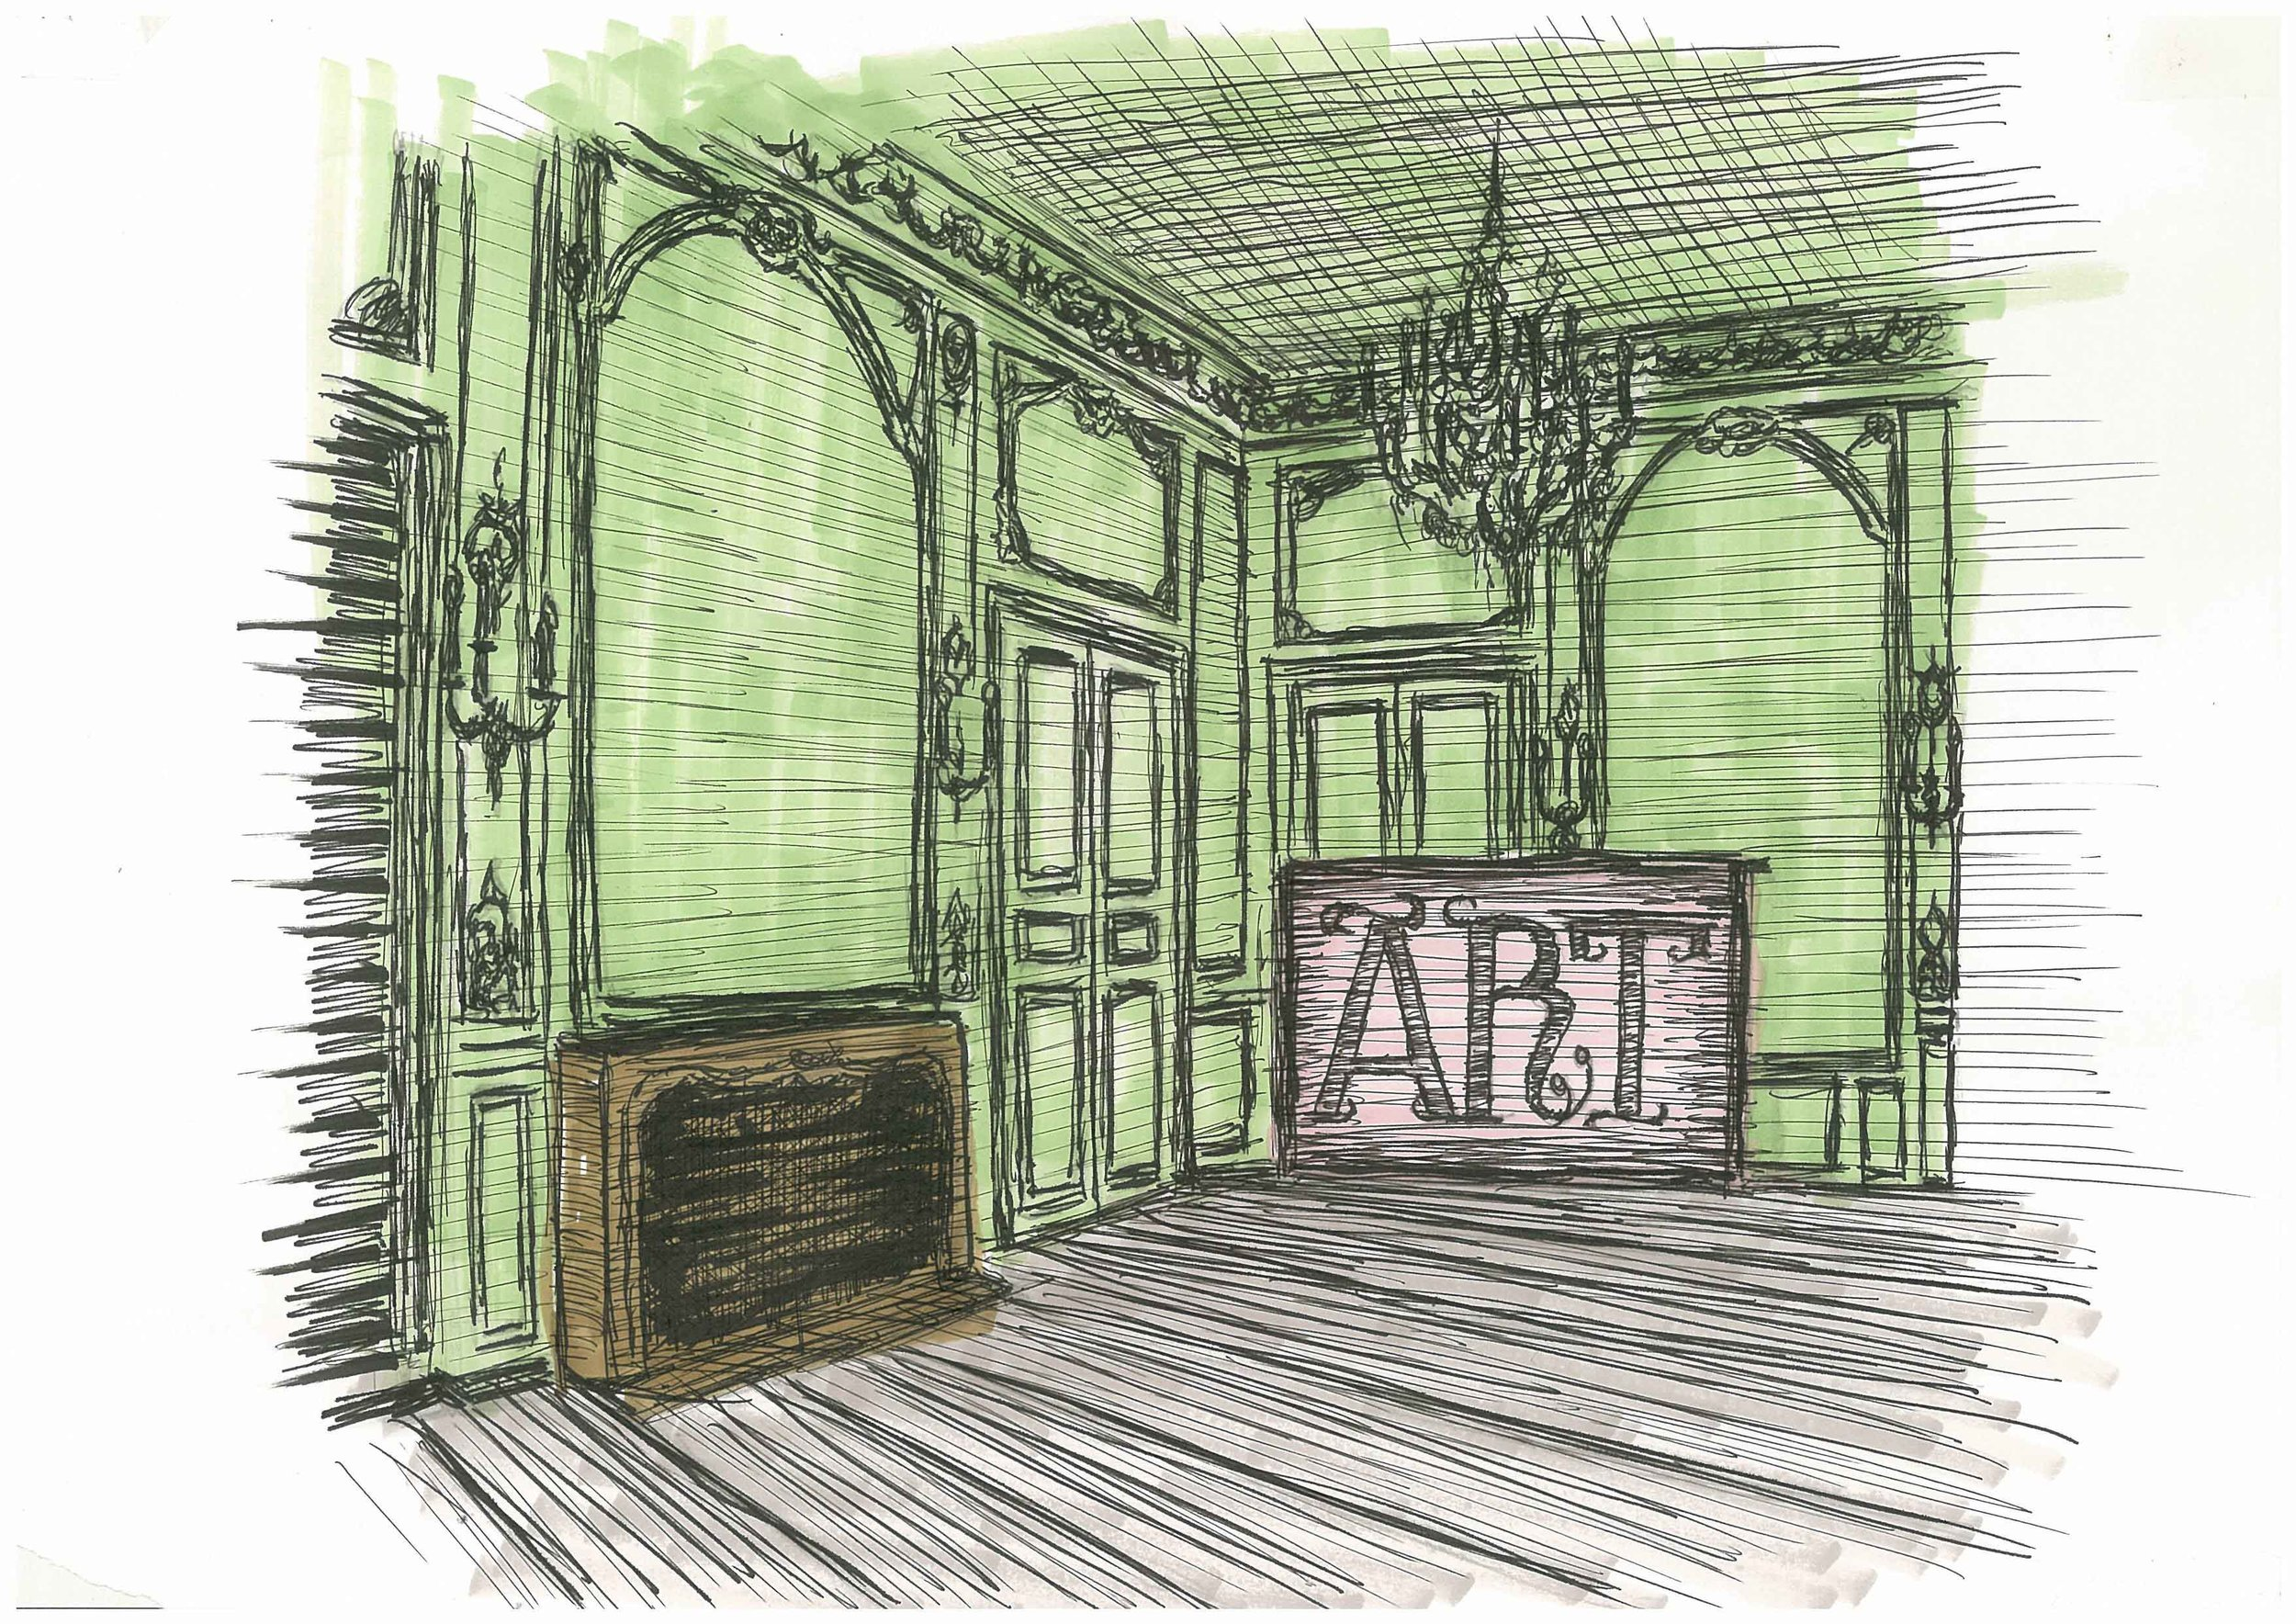 'Salon' sketch by Santiago Soux